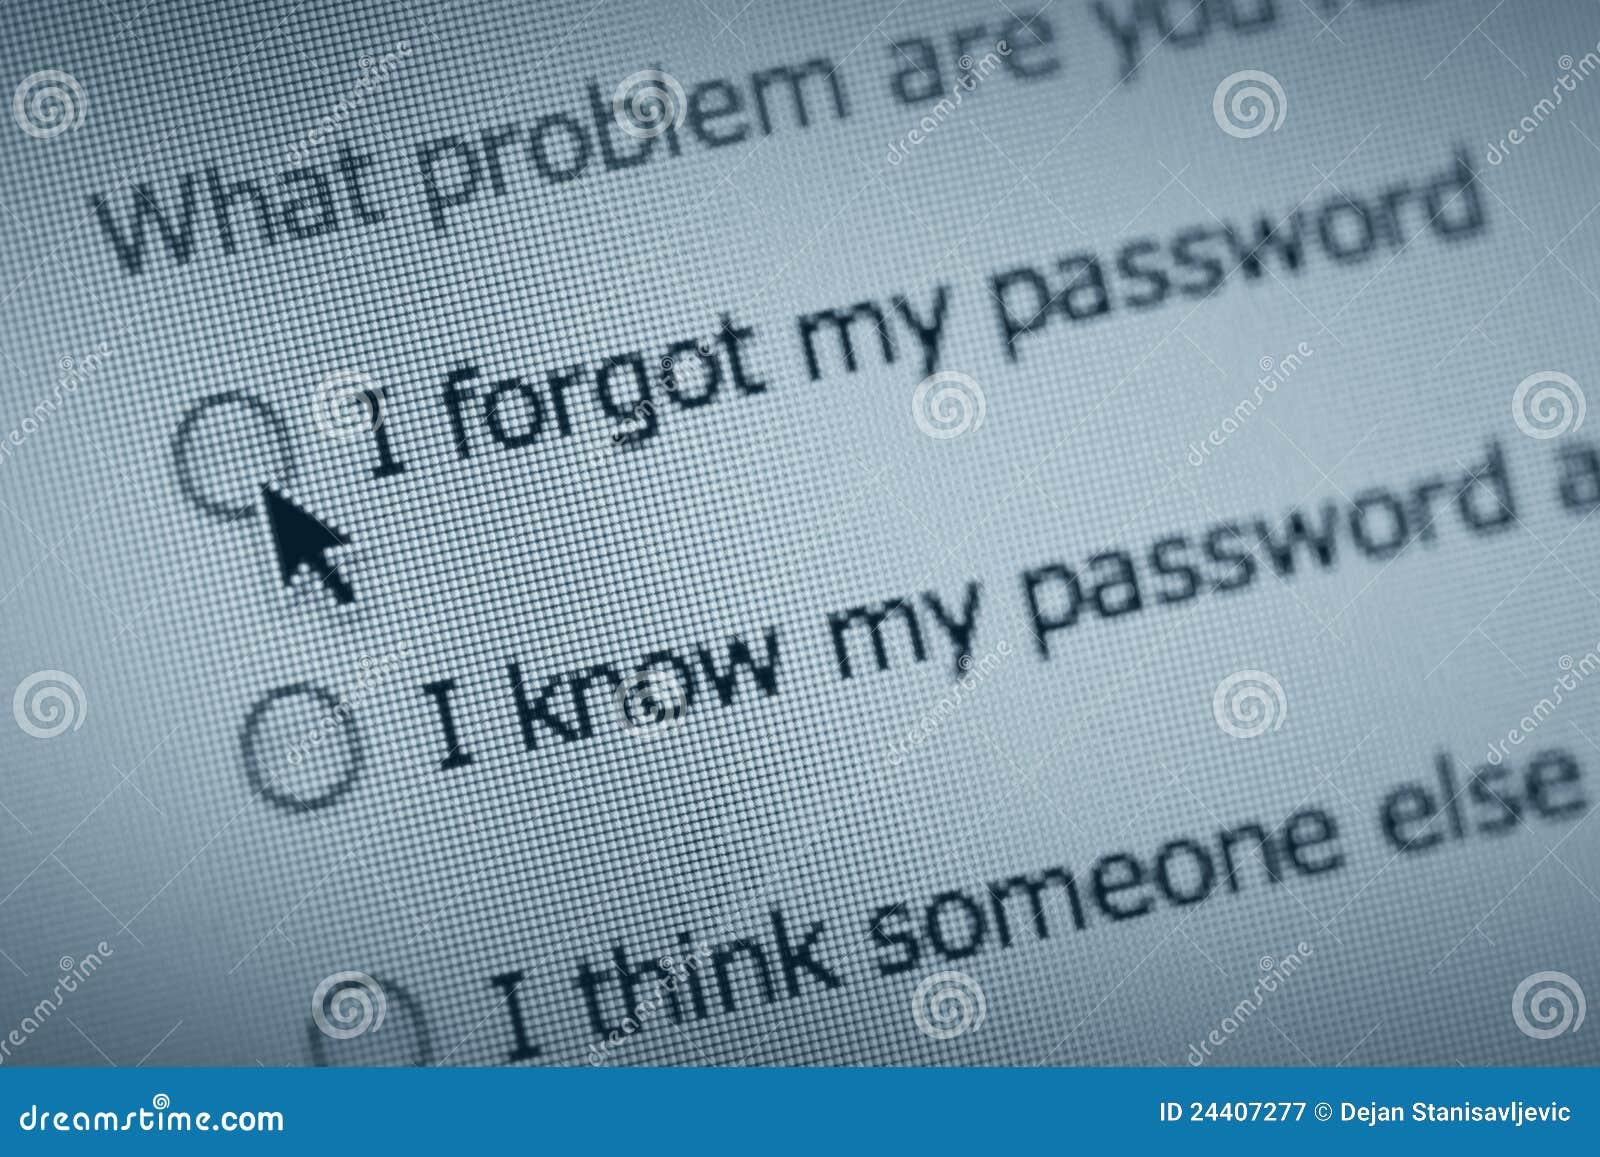 Password trouble